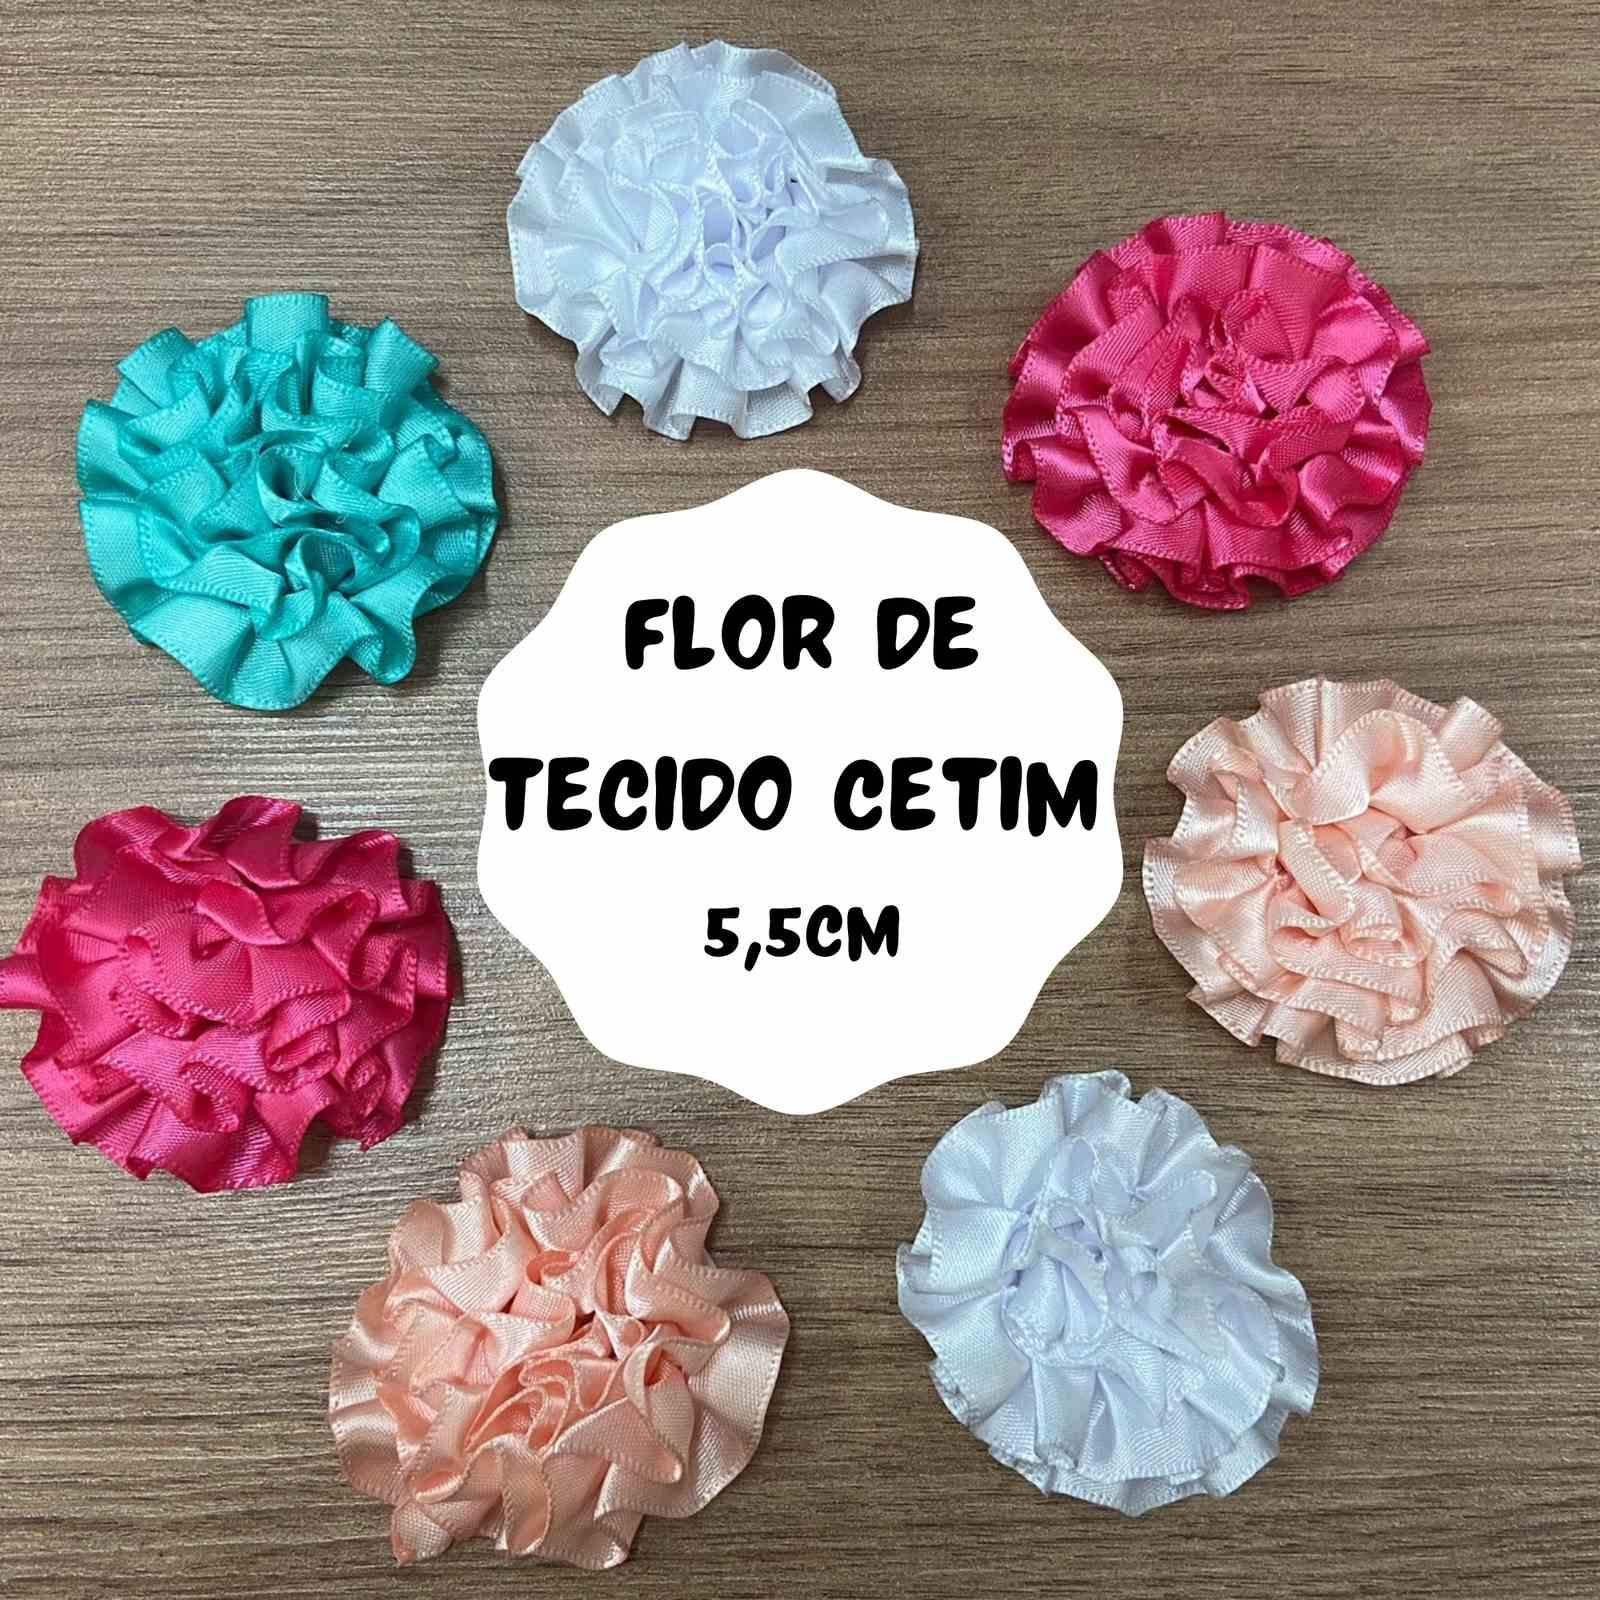 Flor de Tecido Cetim 5,5cm - 2 unidades